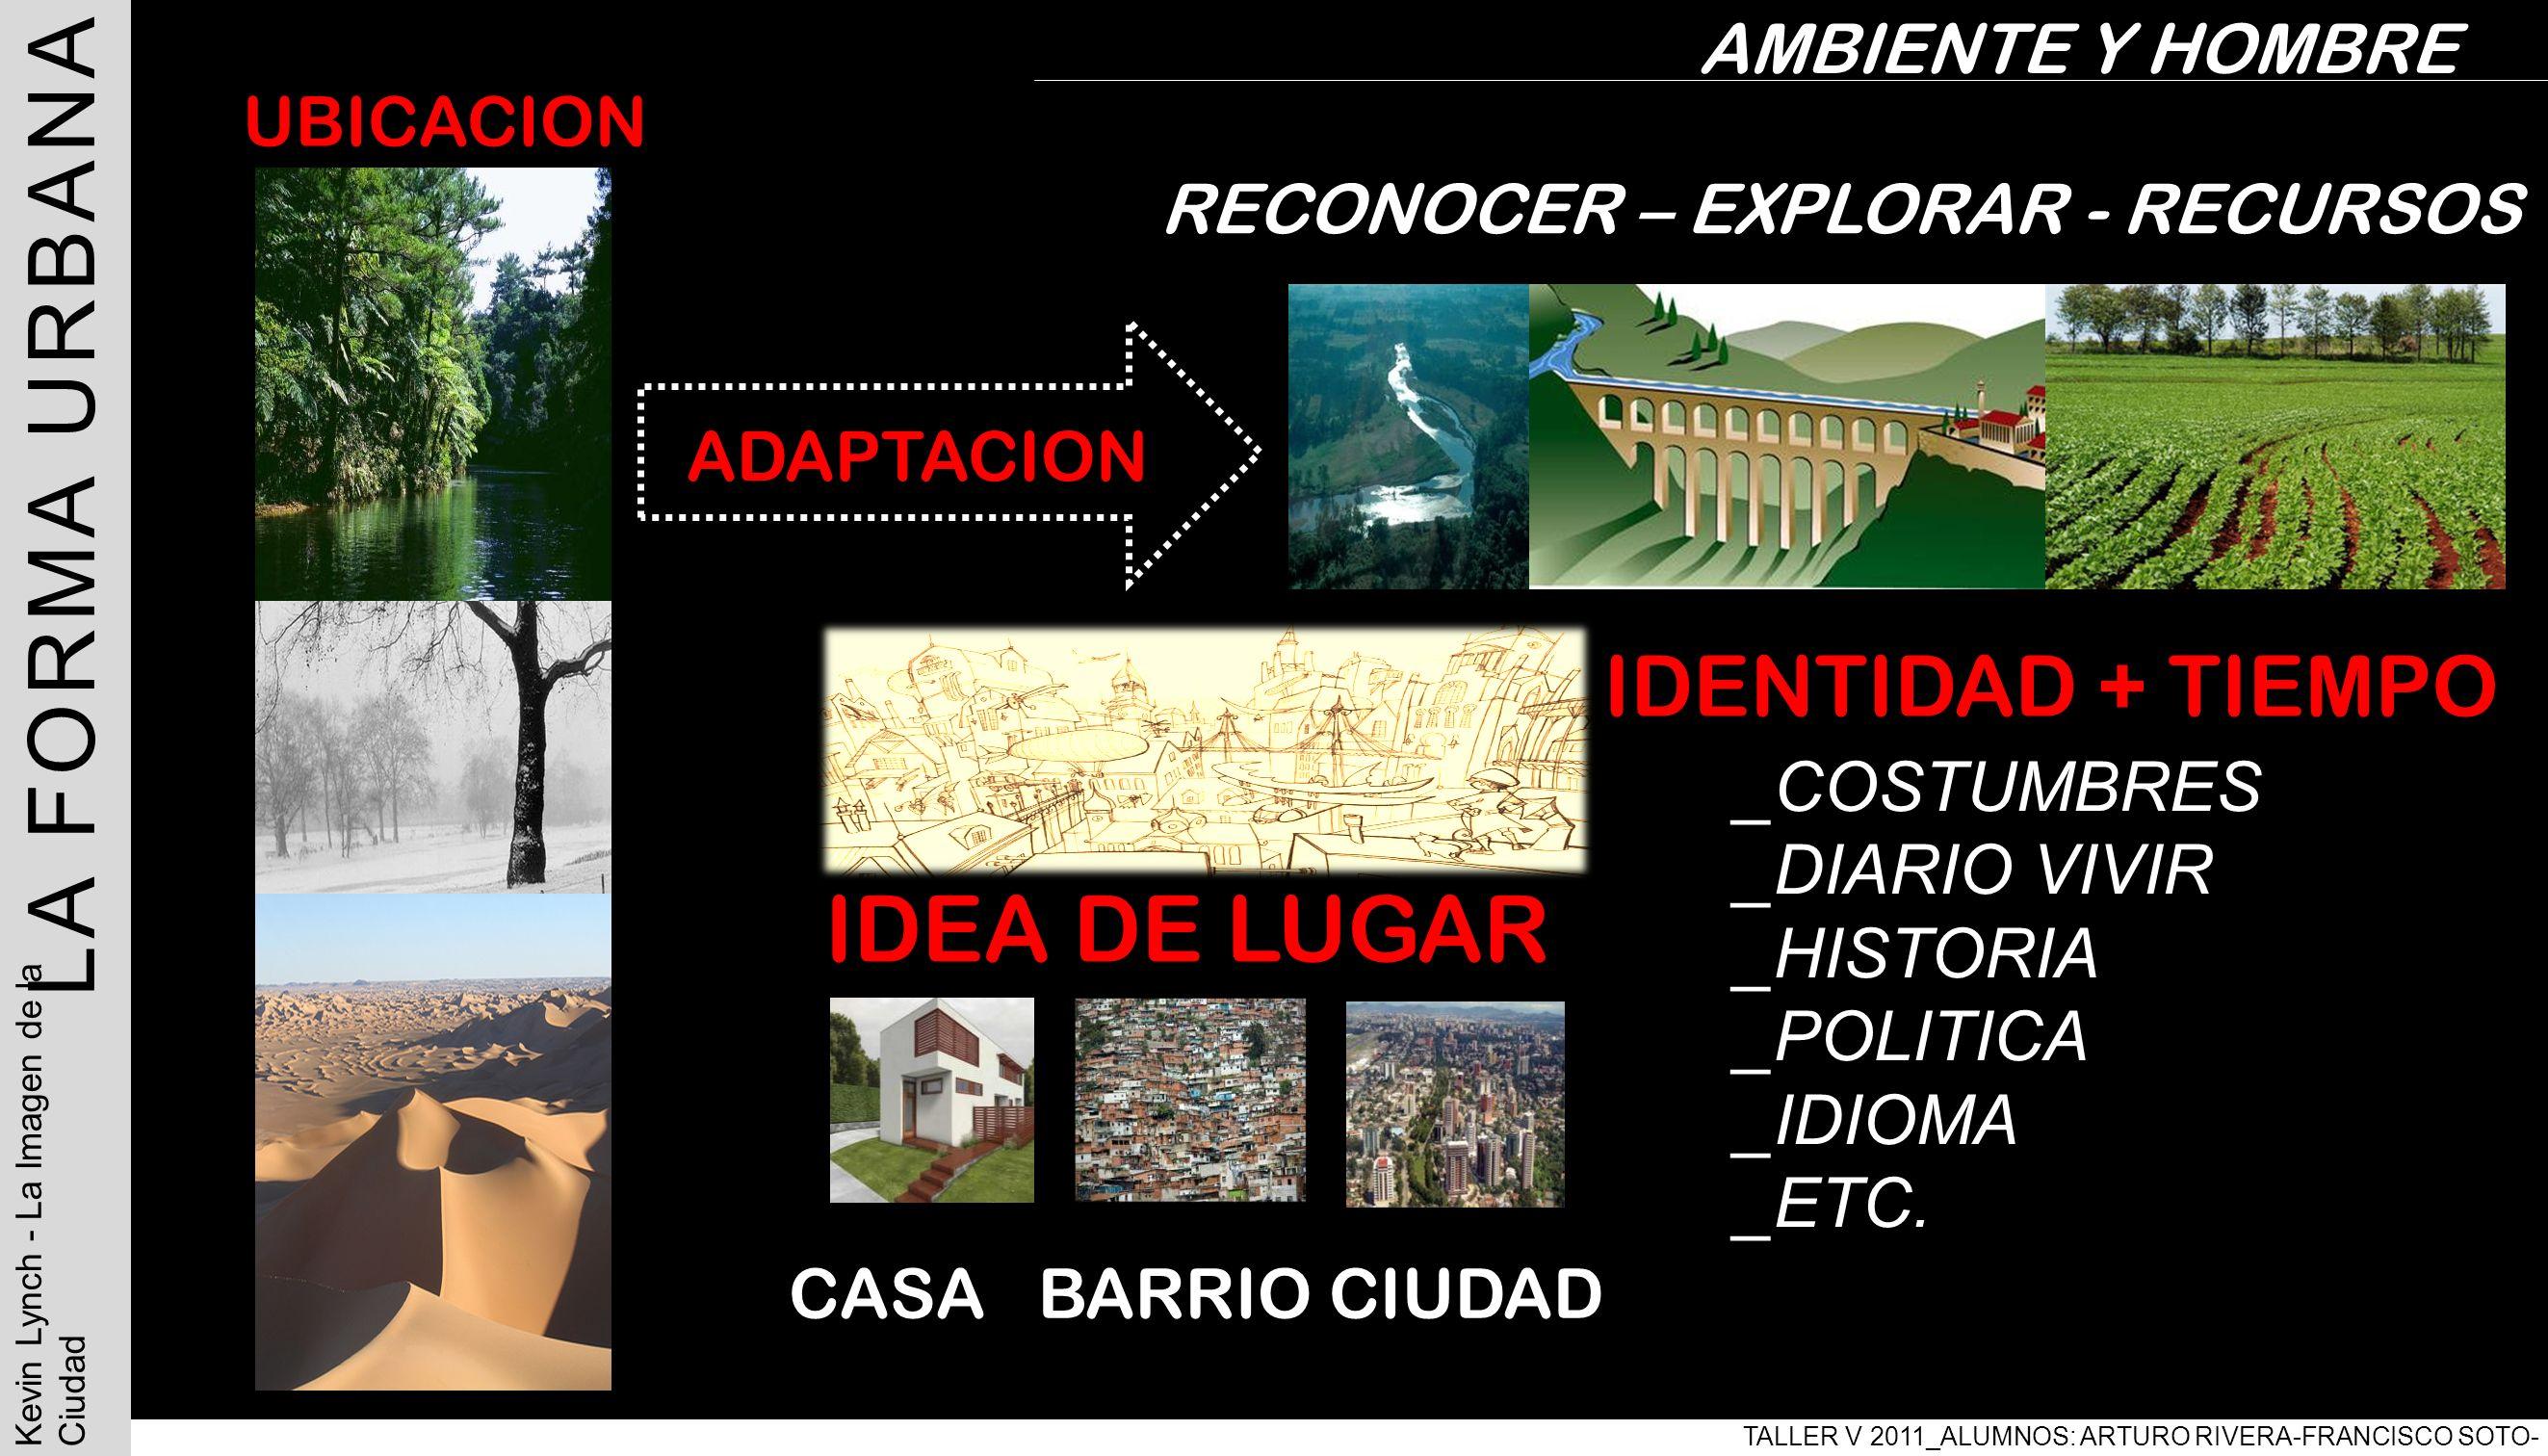 LA FORMA URBANA IDEA DE LUGAR IDENTIDAD + TIEMPO AMBIENTE Y HOMBRE